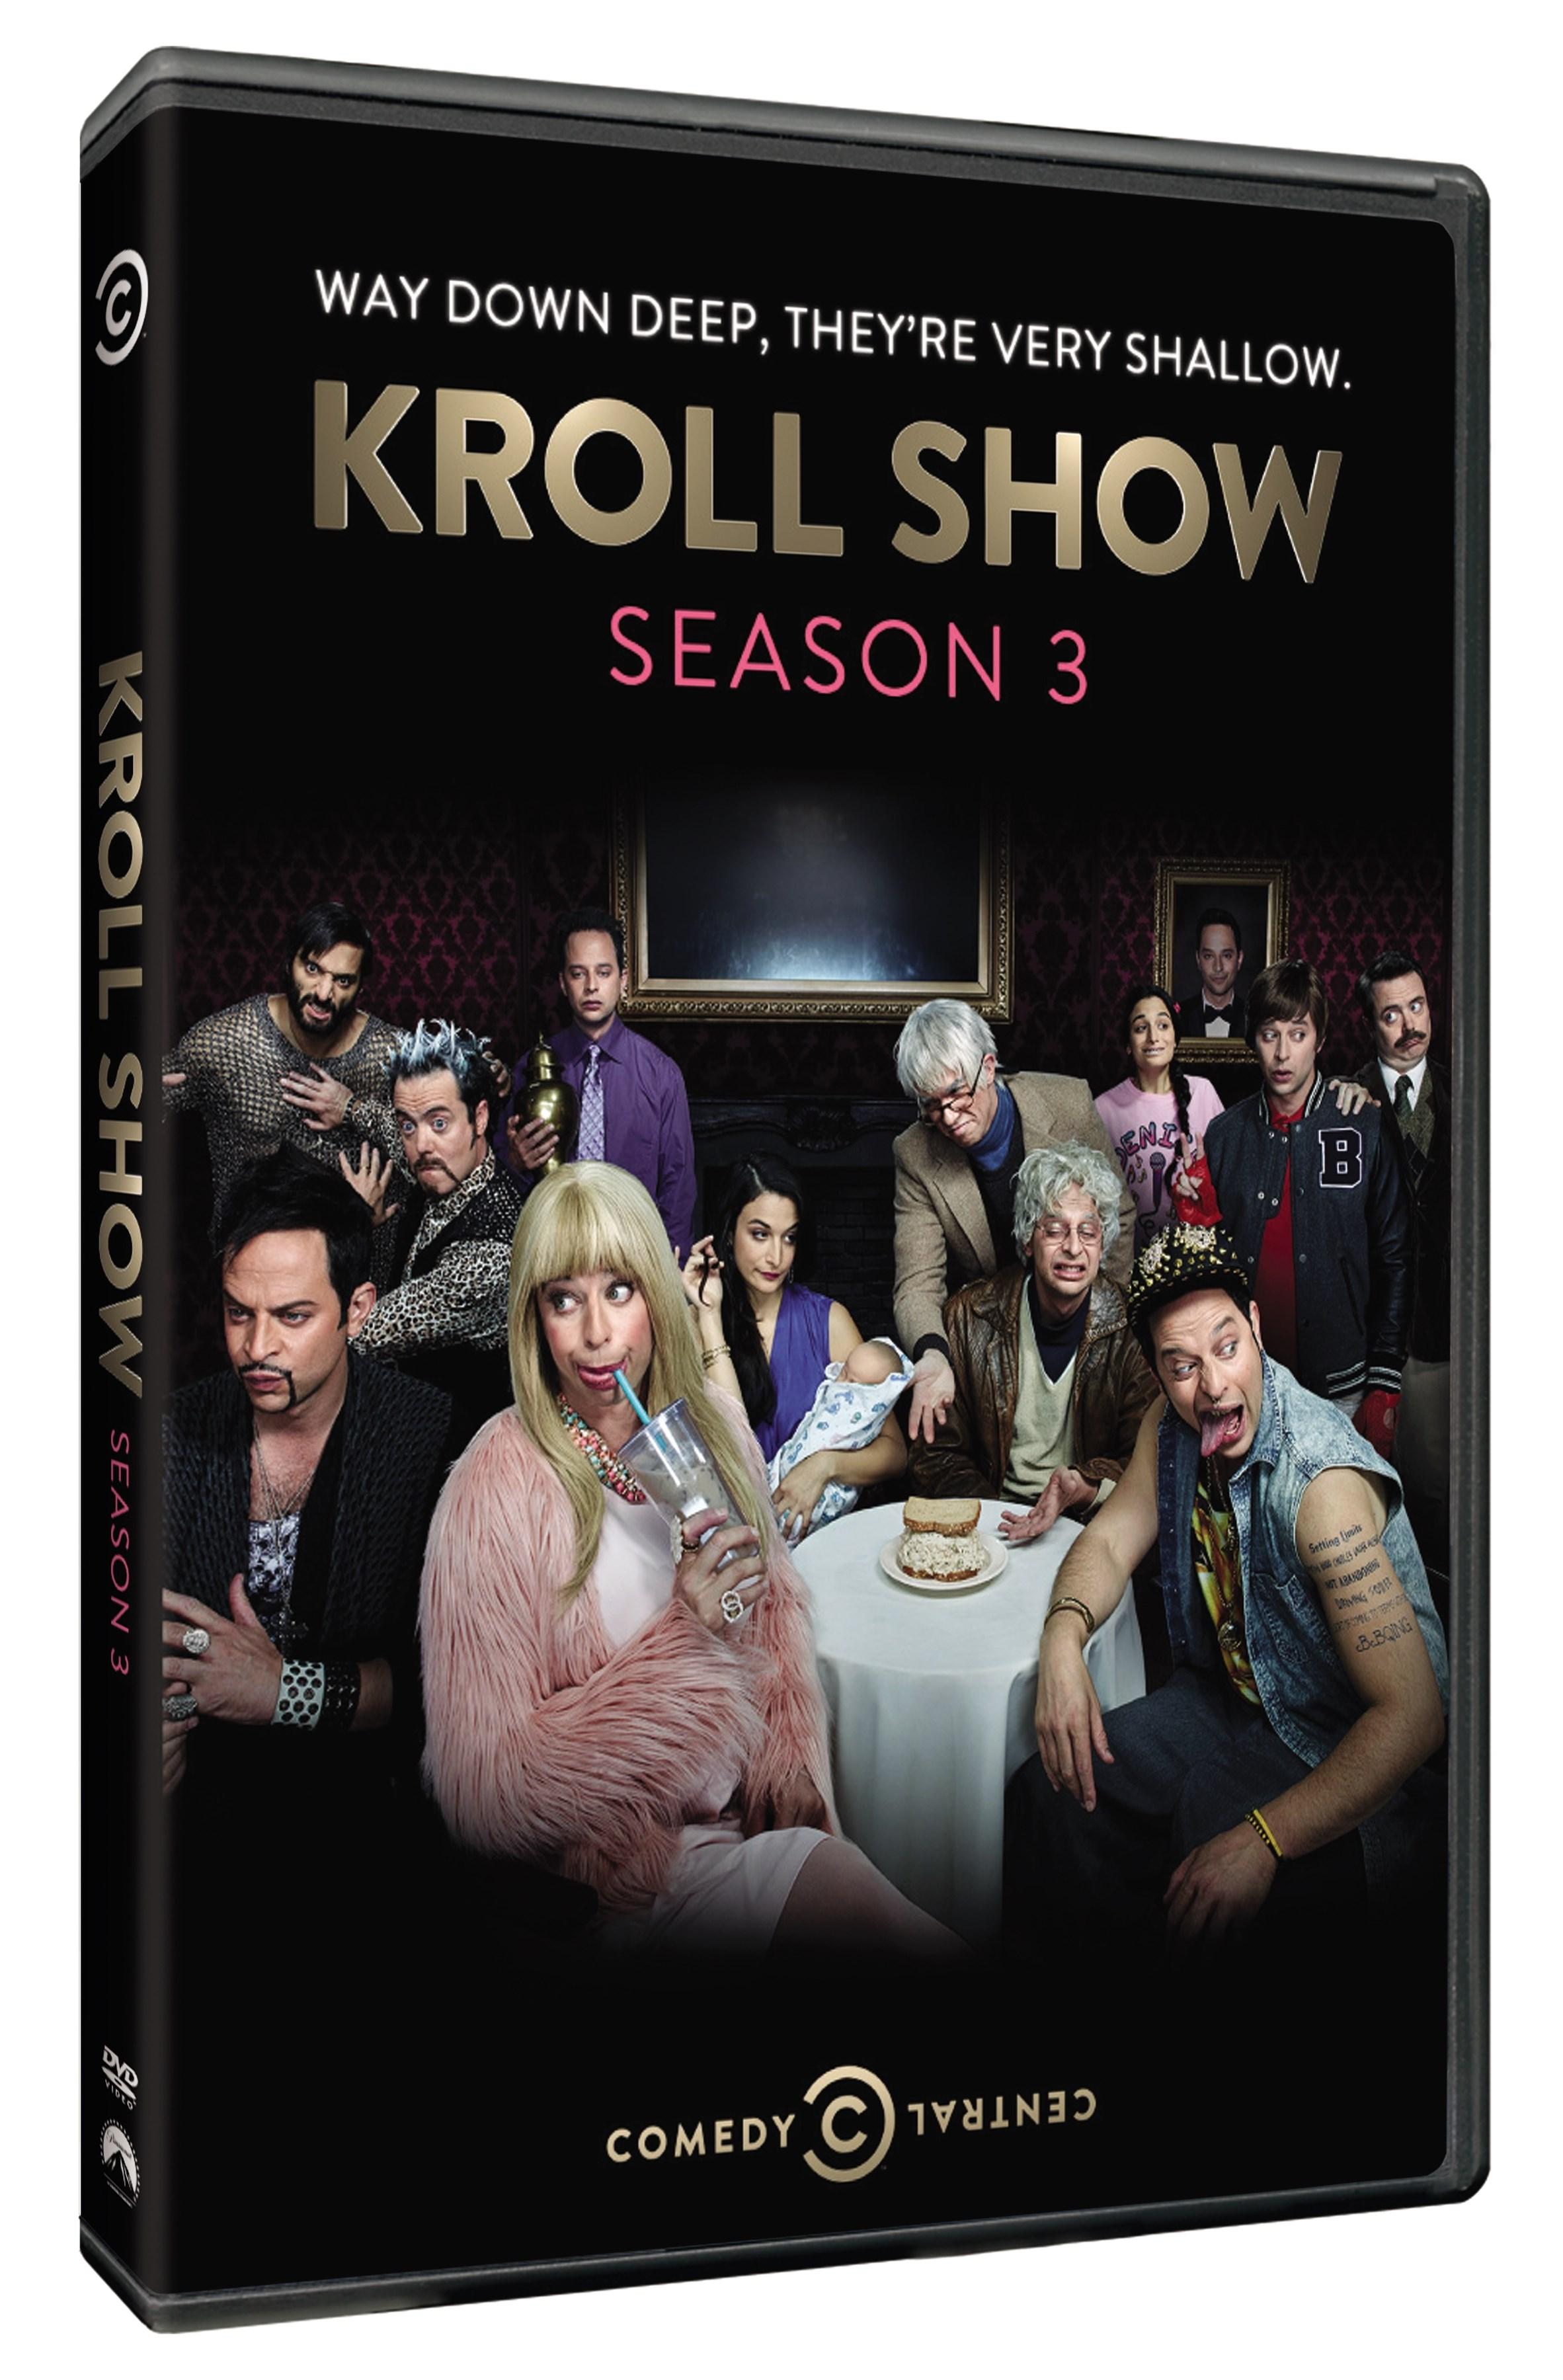 Kroll Show Season 3 DVD Review